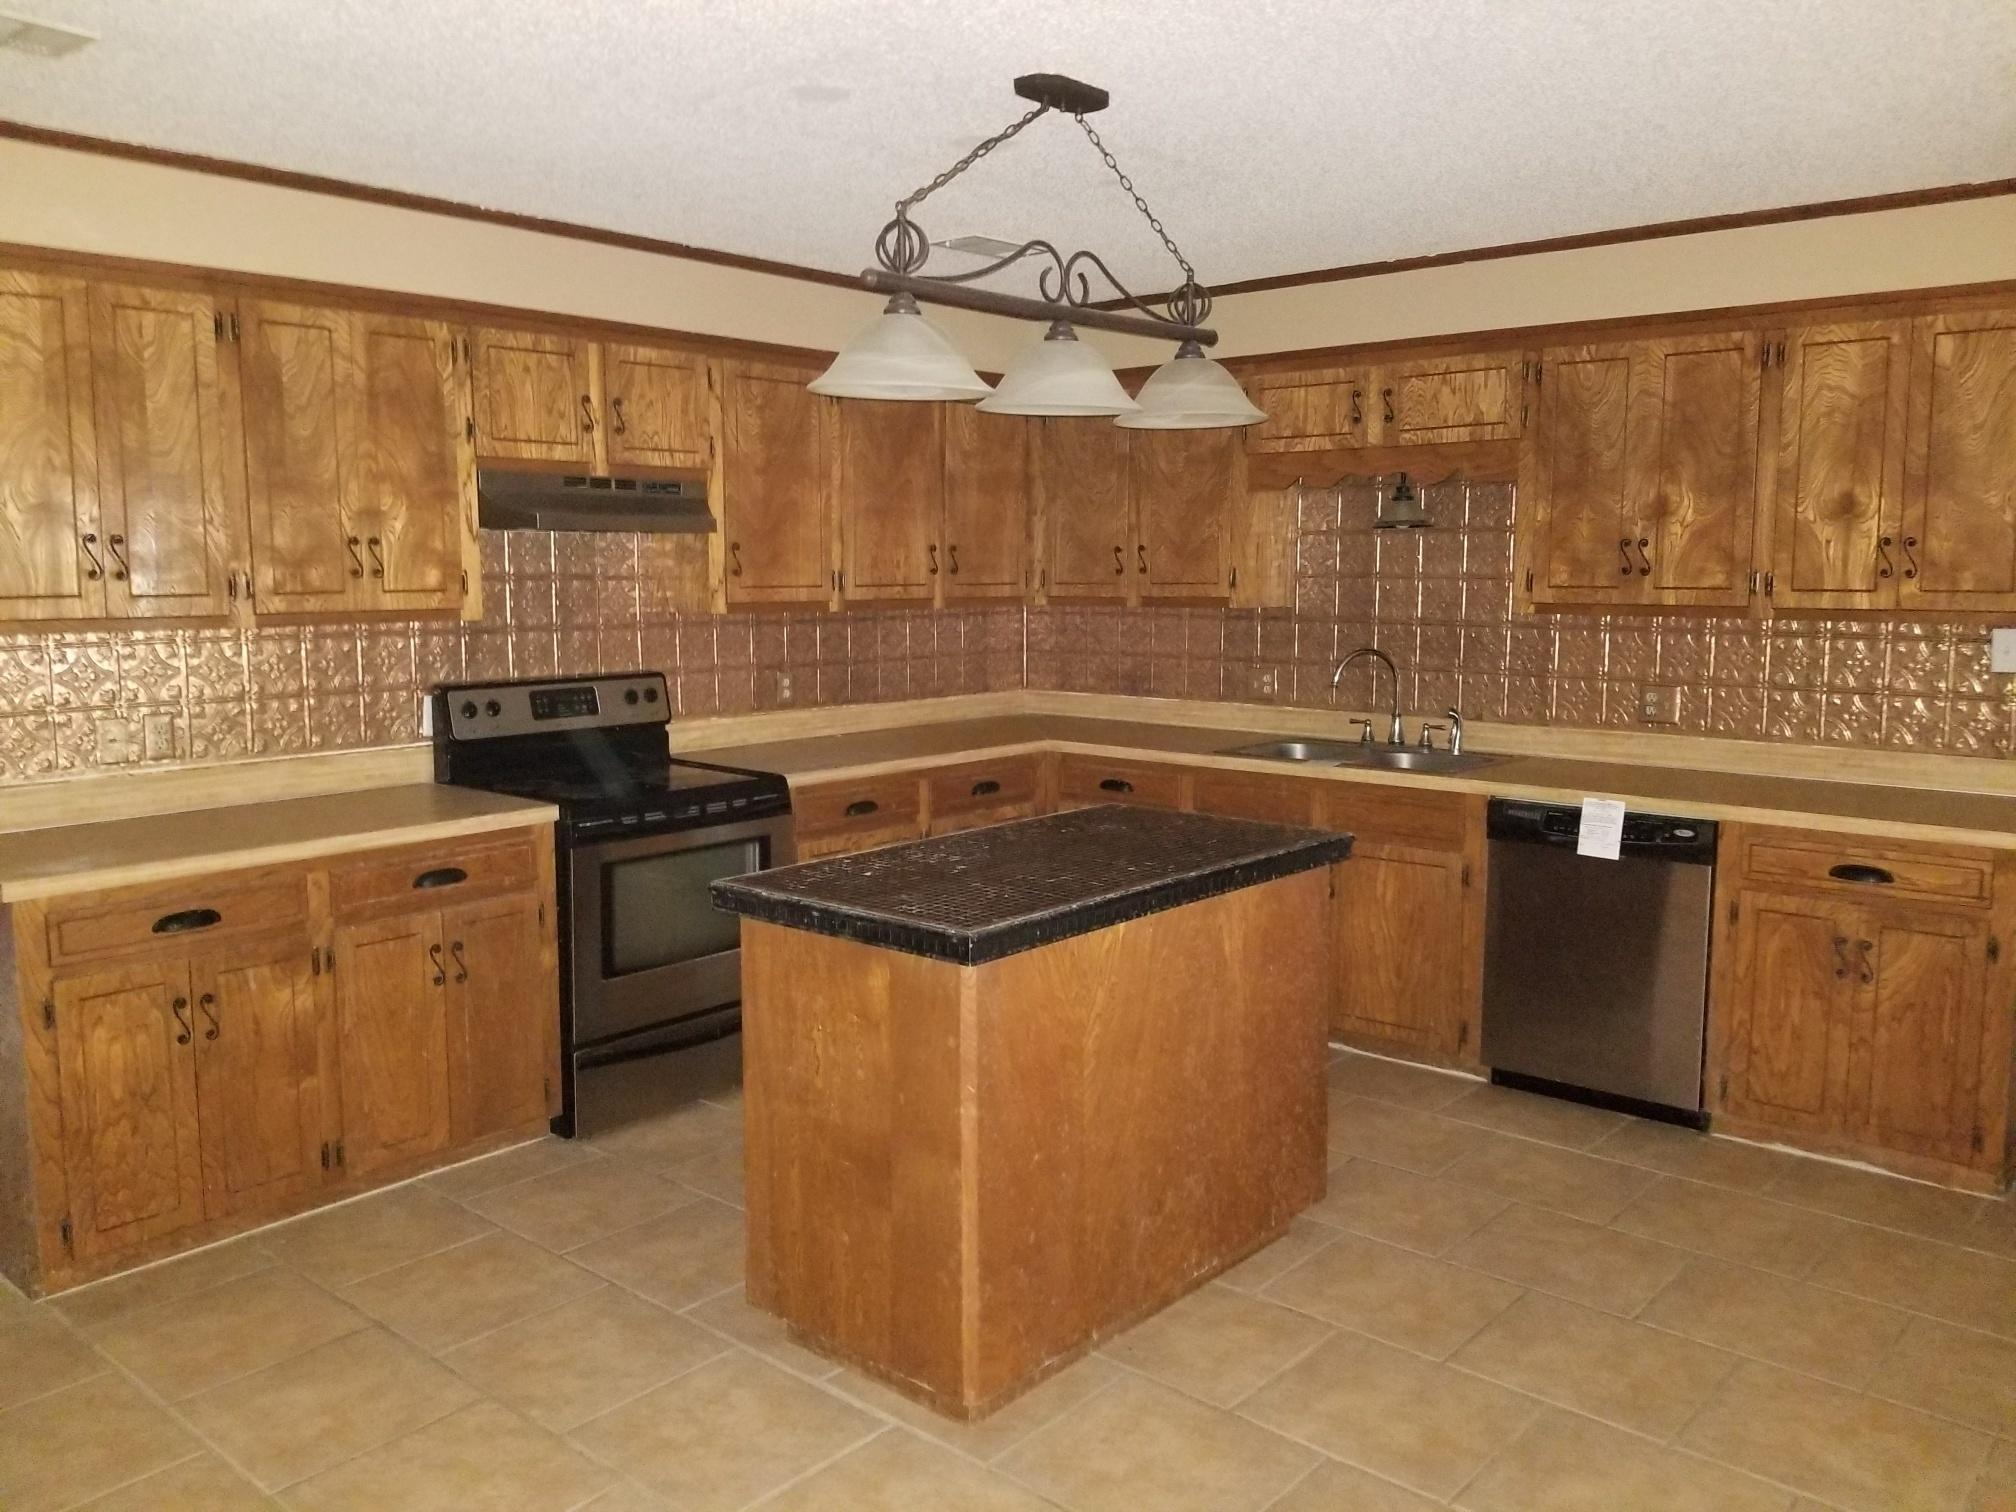 DeRidder home for sale, 712 Cherokee St, DeRidder LA - $178,000